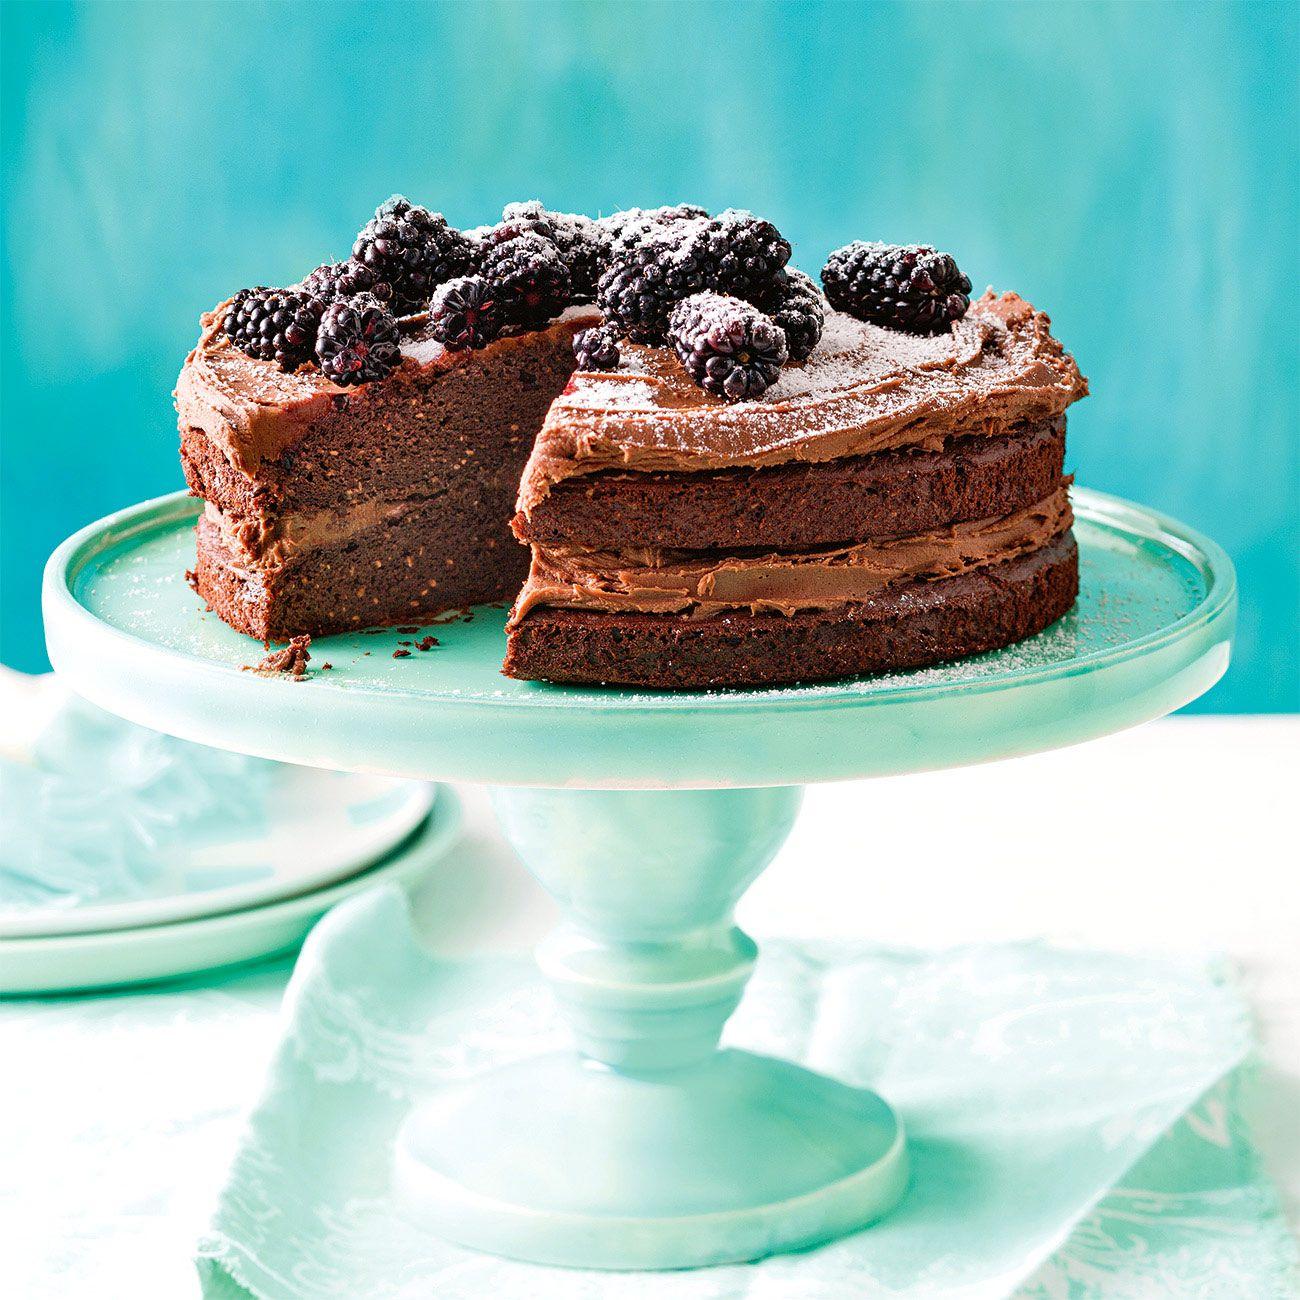 Chocolate cake dairy free chocolate cake cake